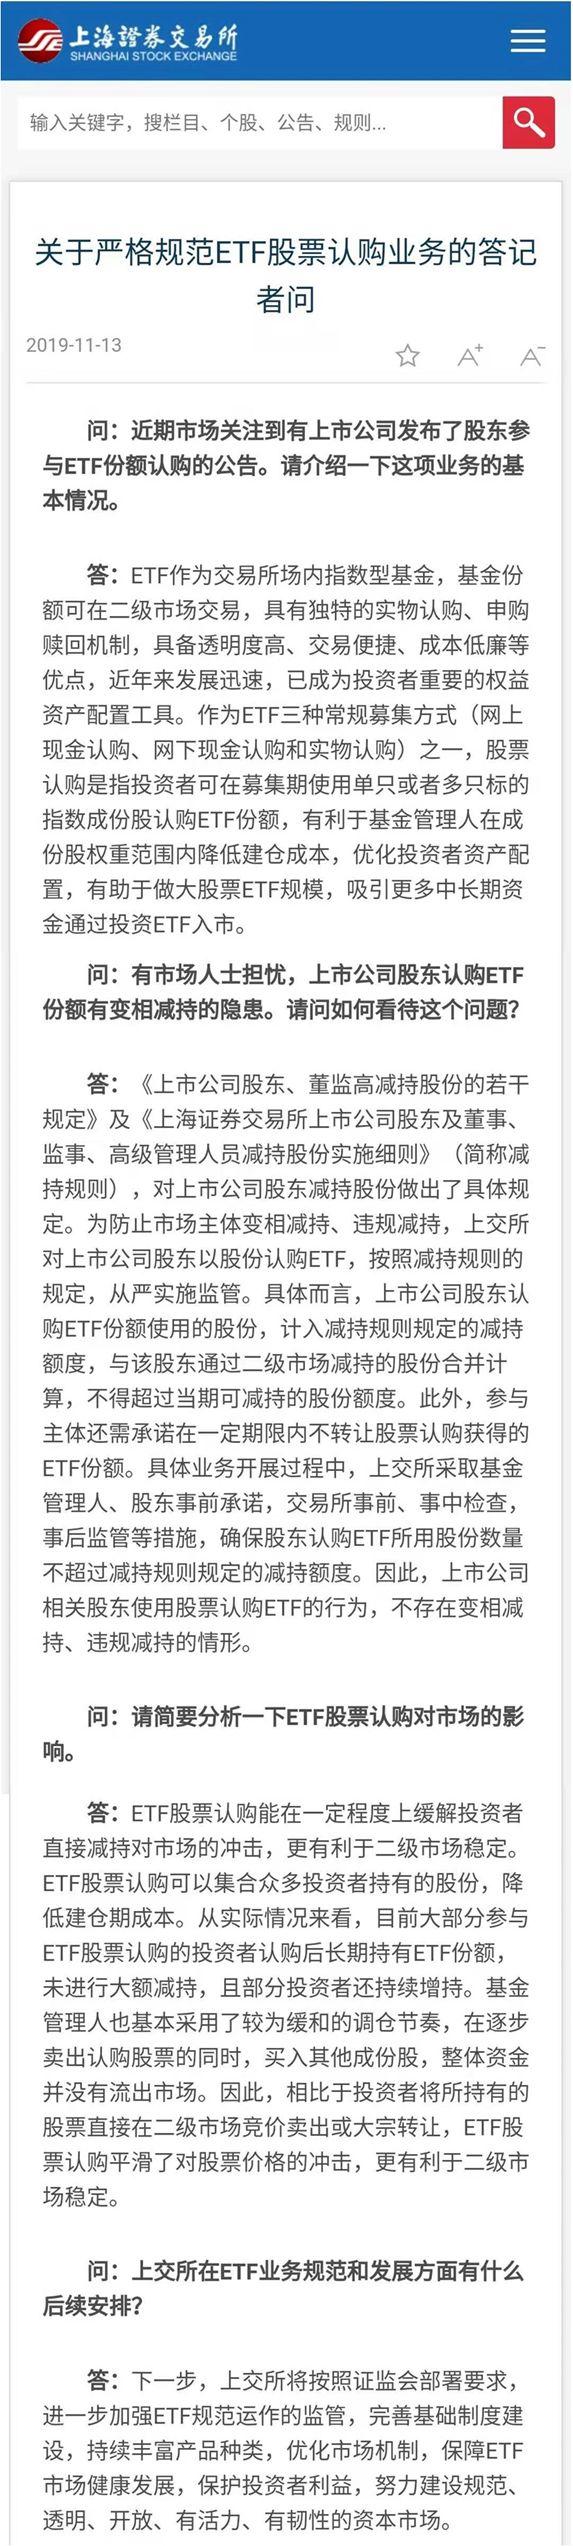 「u9彩怎么下载」蔚来断奶:亏损200多亿,CFO离职,曾一场发布会花掉8000万?